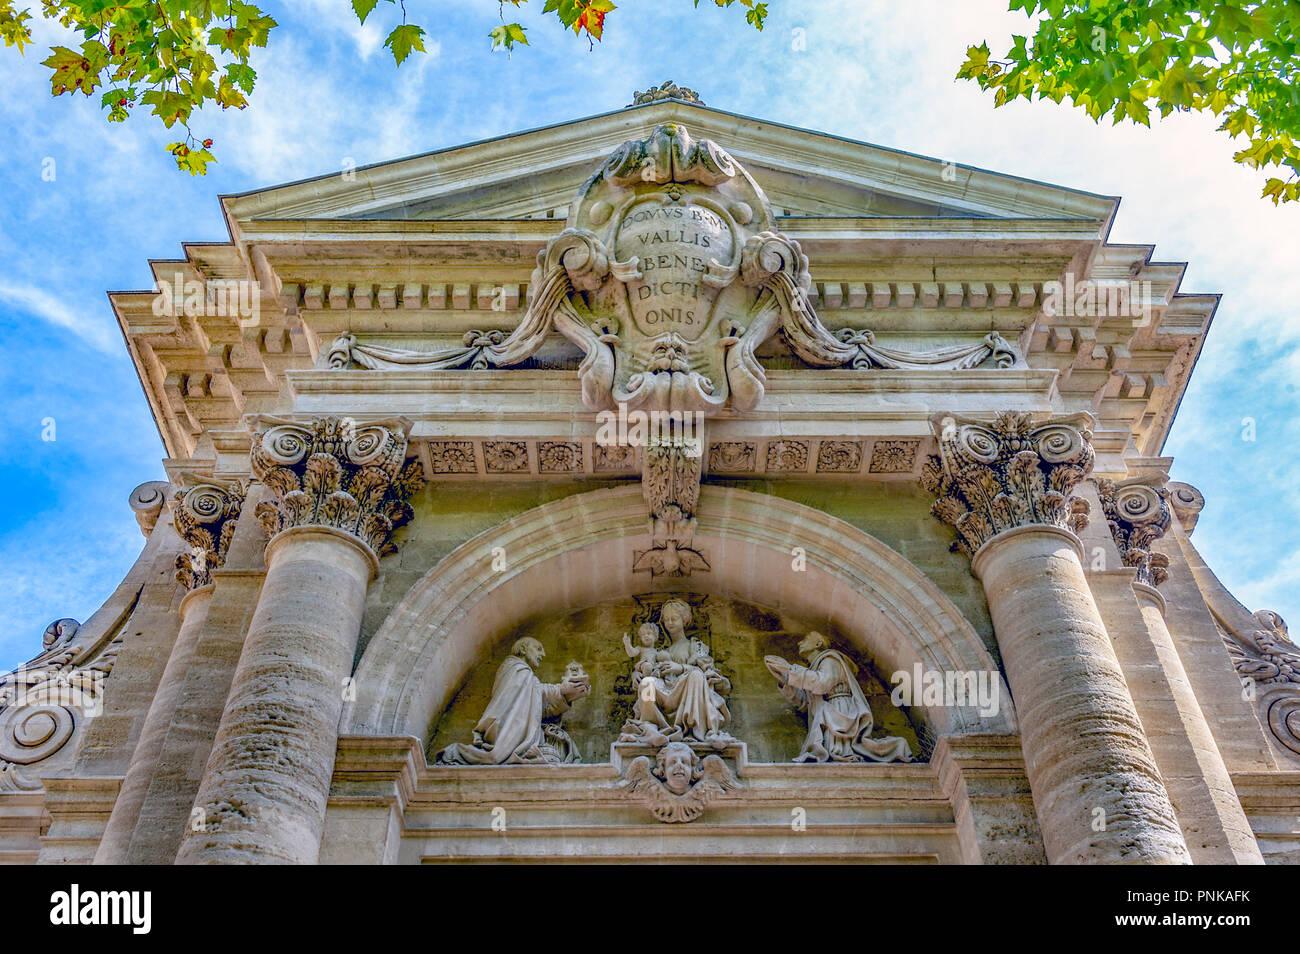 France. Gard (30). Villeneuve-Les-Avignon. Chartreuse Notre-Dame-du-Val-de-Bénédiction. The monumental portal. Detail of the portico - Stock Image